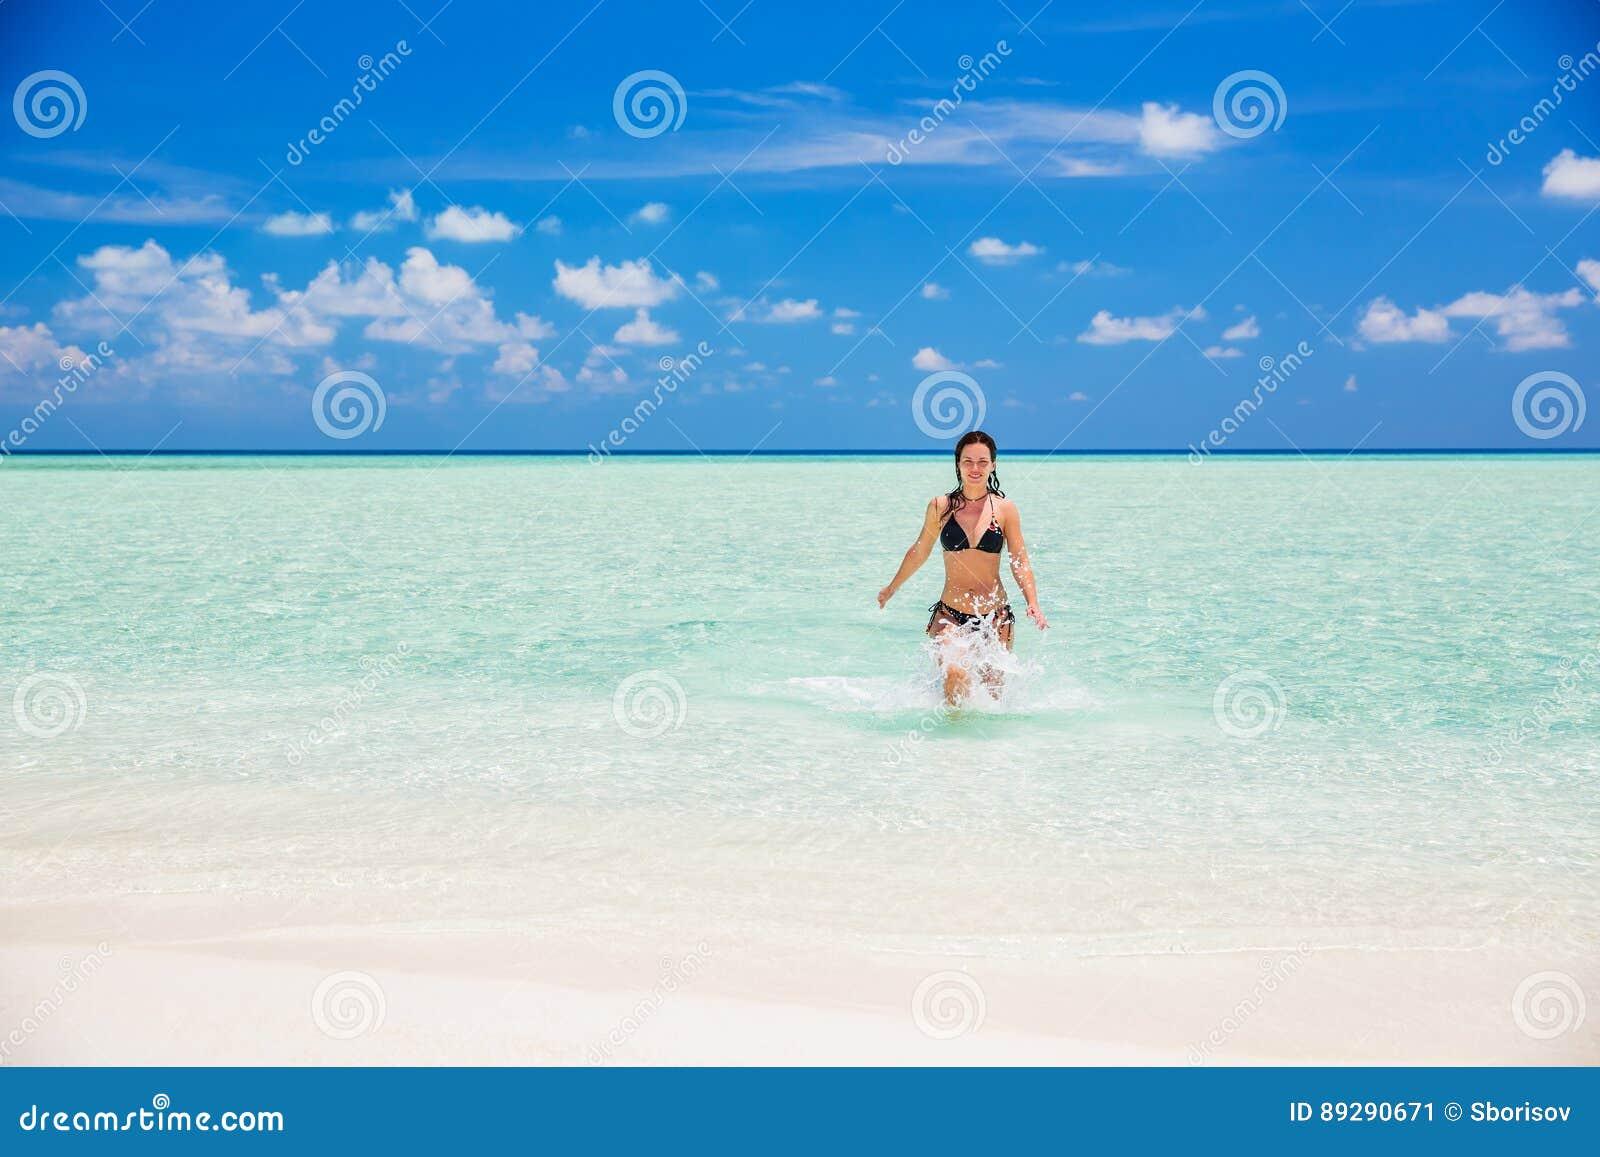 Attraktive junge Frau genießt maledivischen Strand